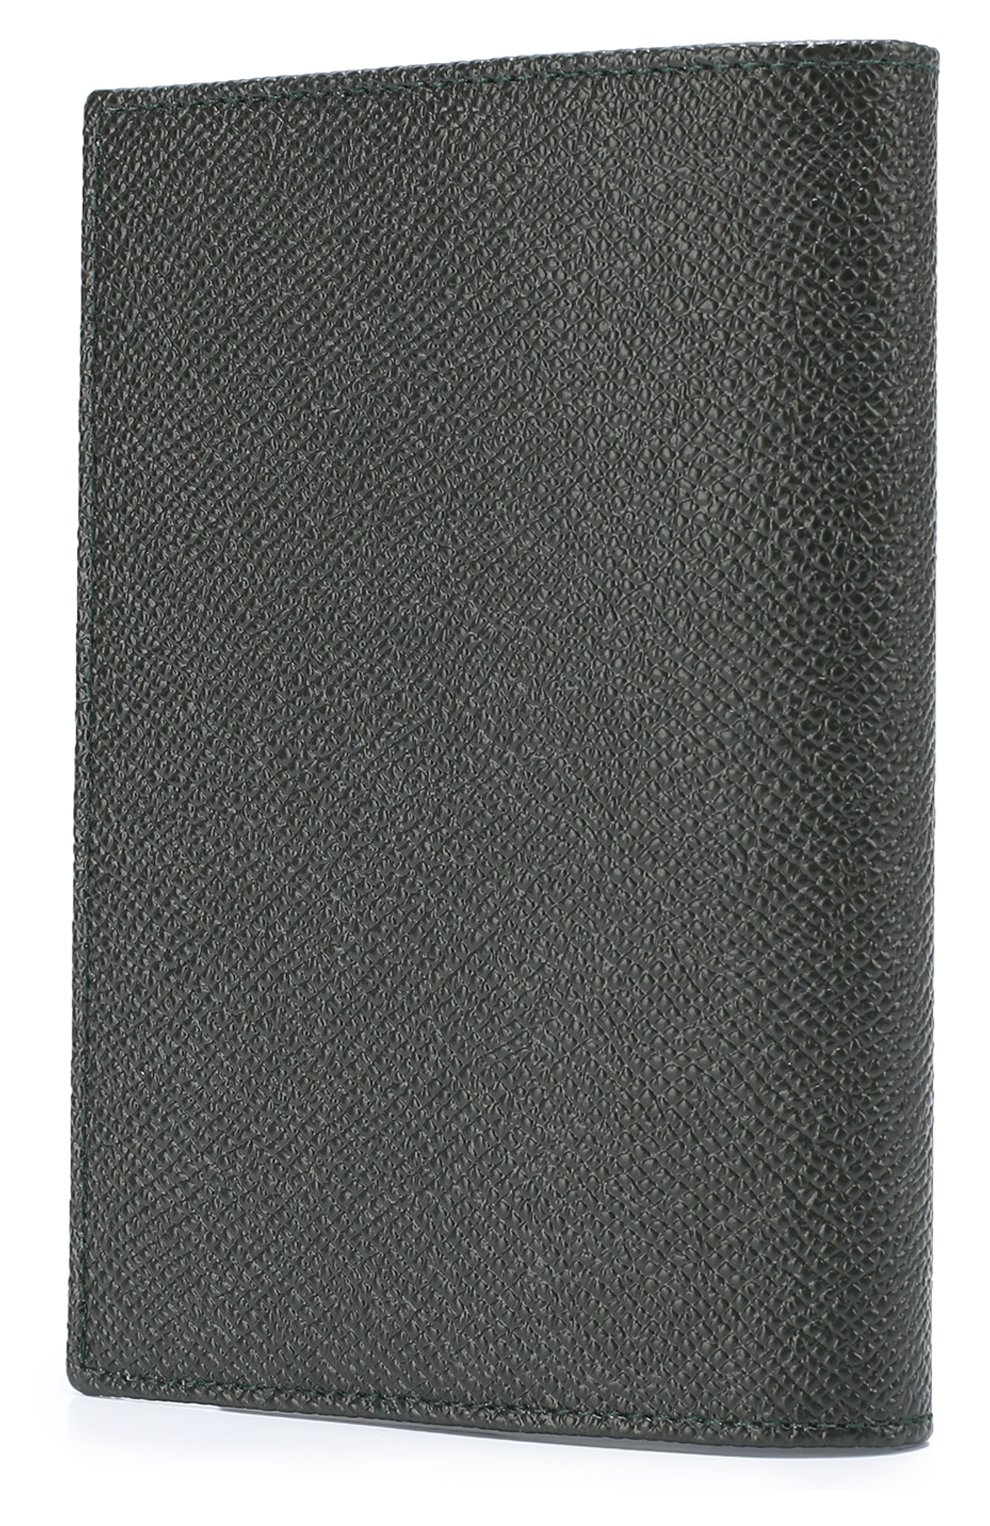 Кожаная обложка для паспорта с отделениями для кредитных карт Dolce & Gabbana зеленого цвета | Фото №2